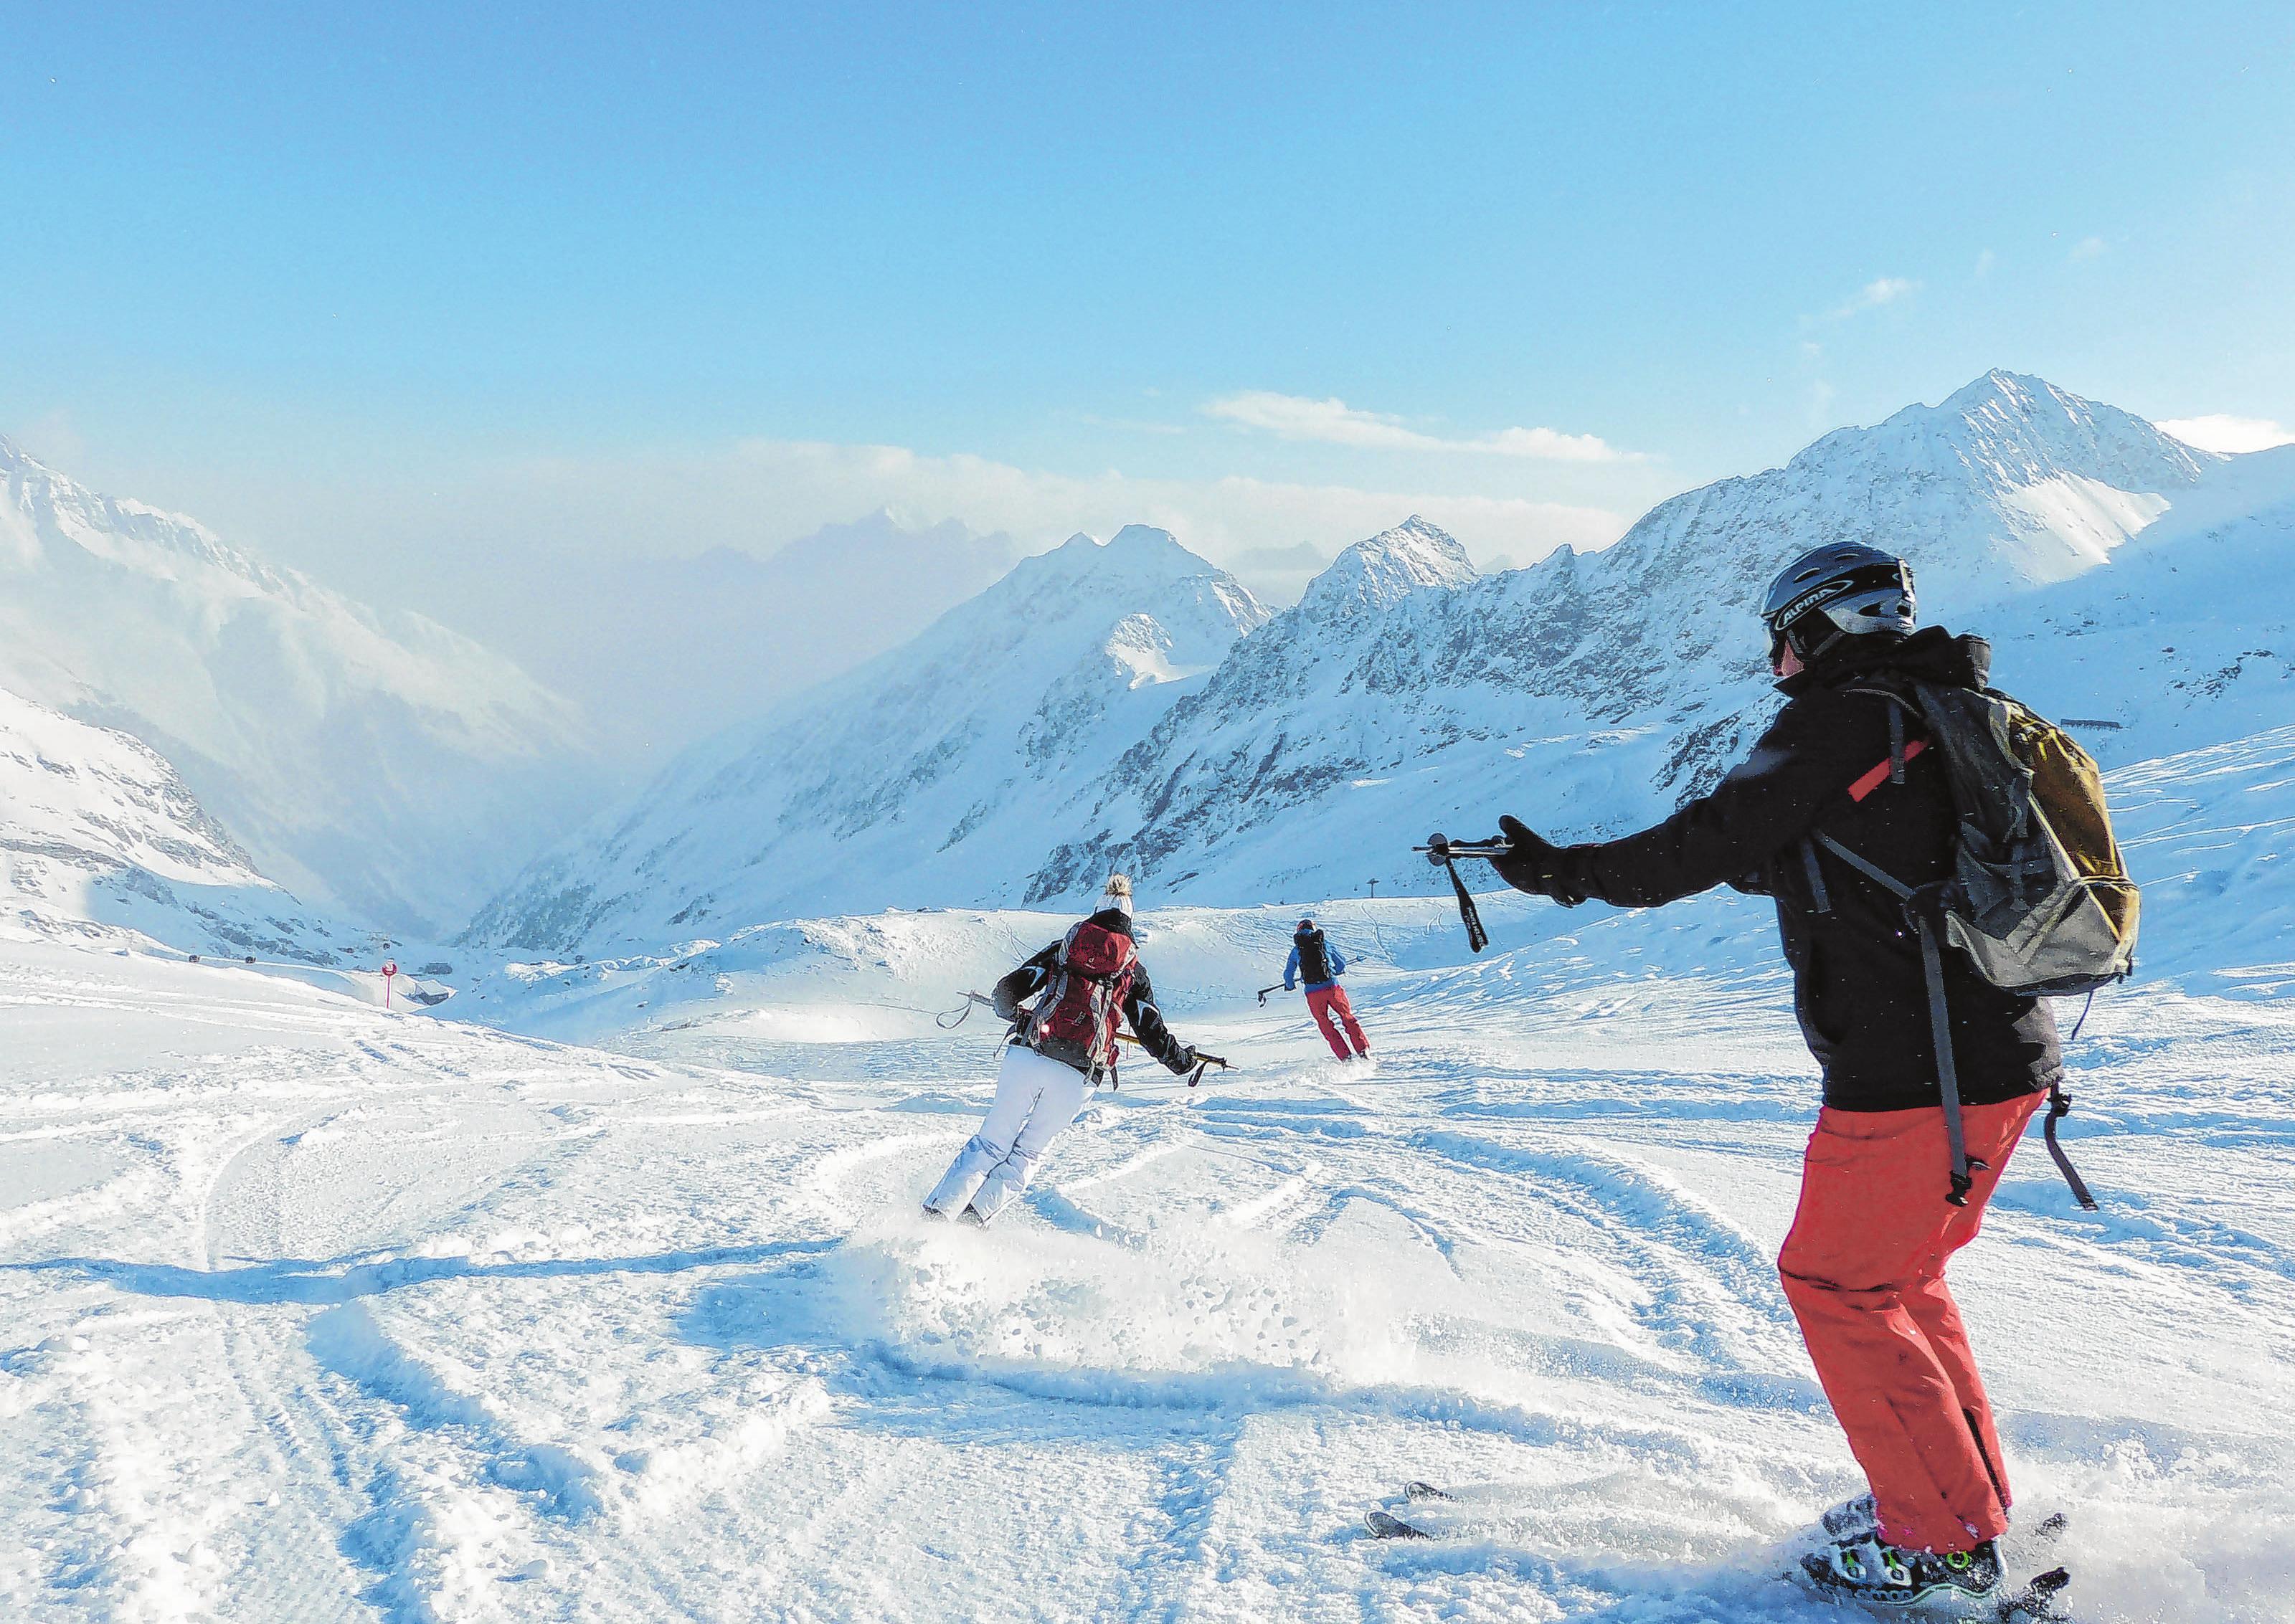 Skifahren lernen bei bestem Wetter: So sollte ein Skikurs aussehen. Fotos: Florian Sanktjohanser/dpa-mag